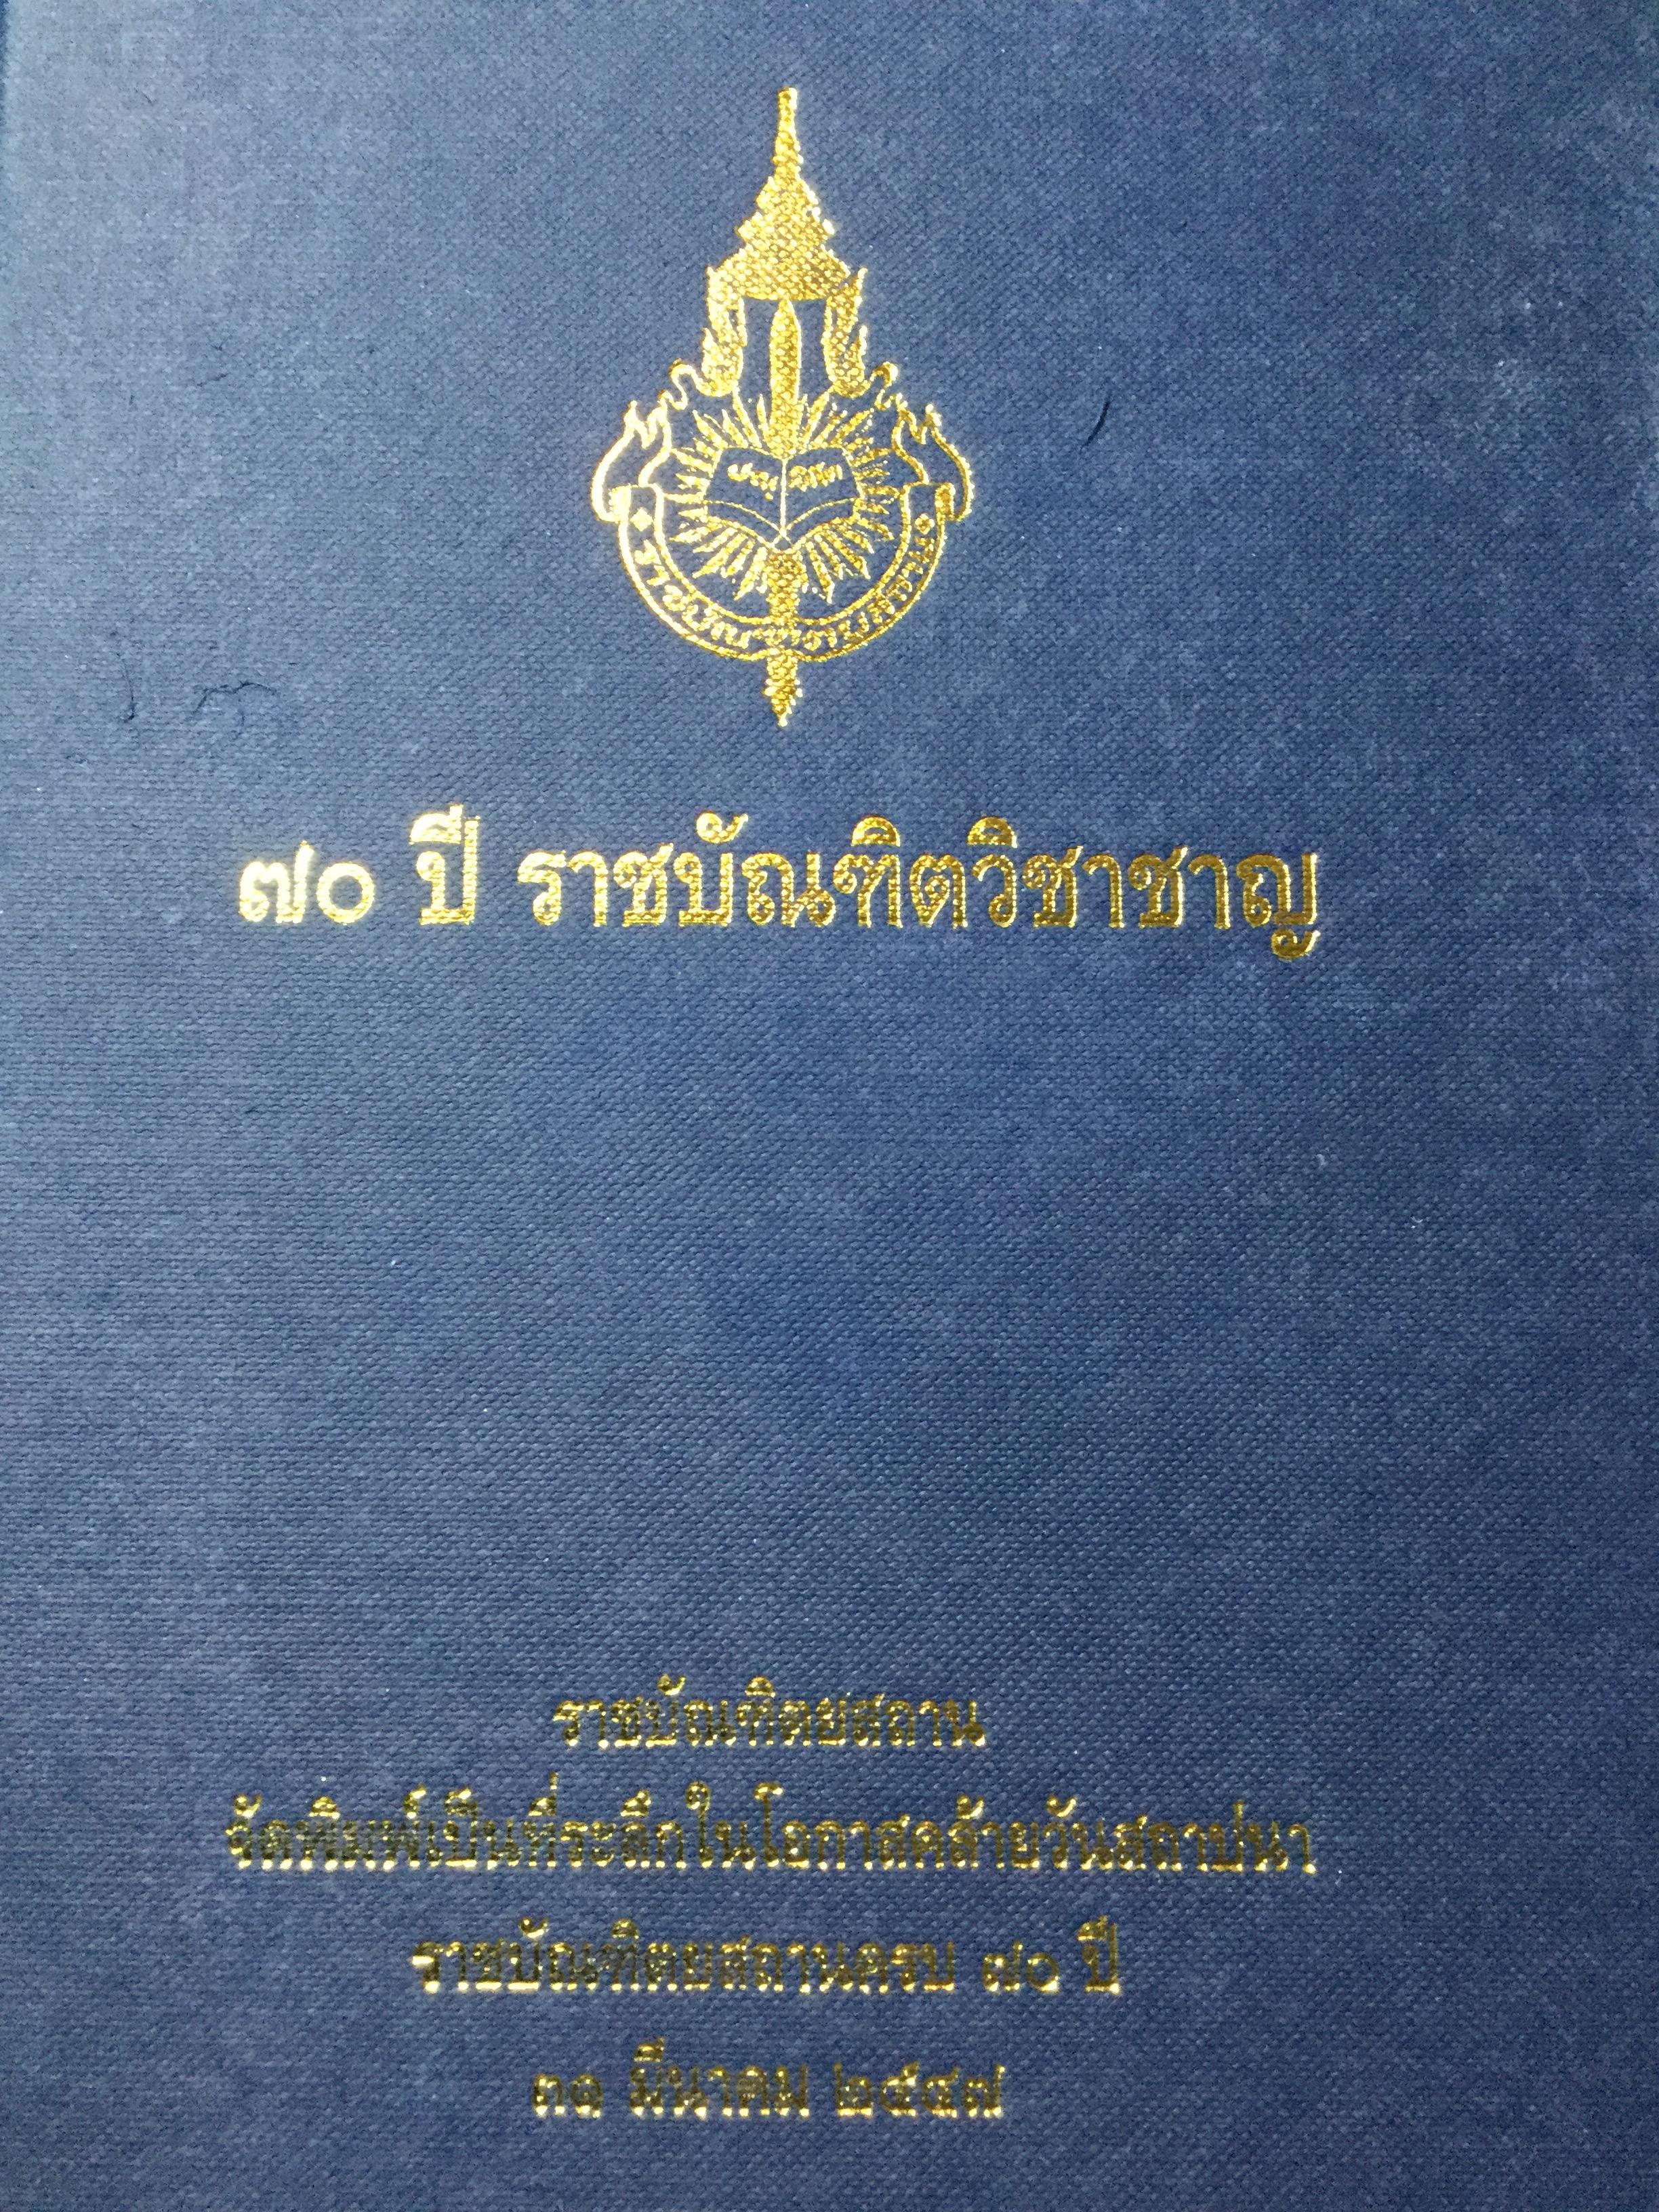 70 ปี ราชบัณฑิตวิชาชาญ. ราชบัณฑิตยสถาน จัดพิมพ์เป็นที่ระลึกในโอกาสคล้ายวันสถาปนา ราชบัณฑิตยสถานครบ 70 ปี. 31 มีนาคม 2547